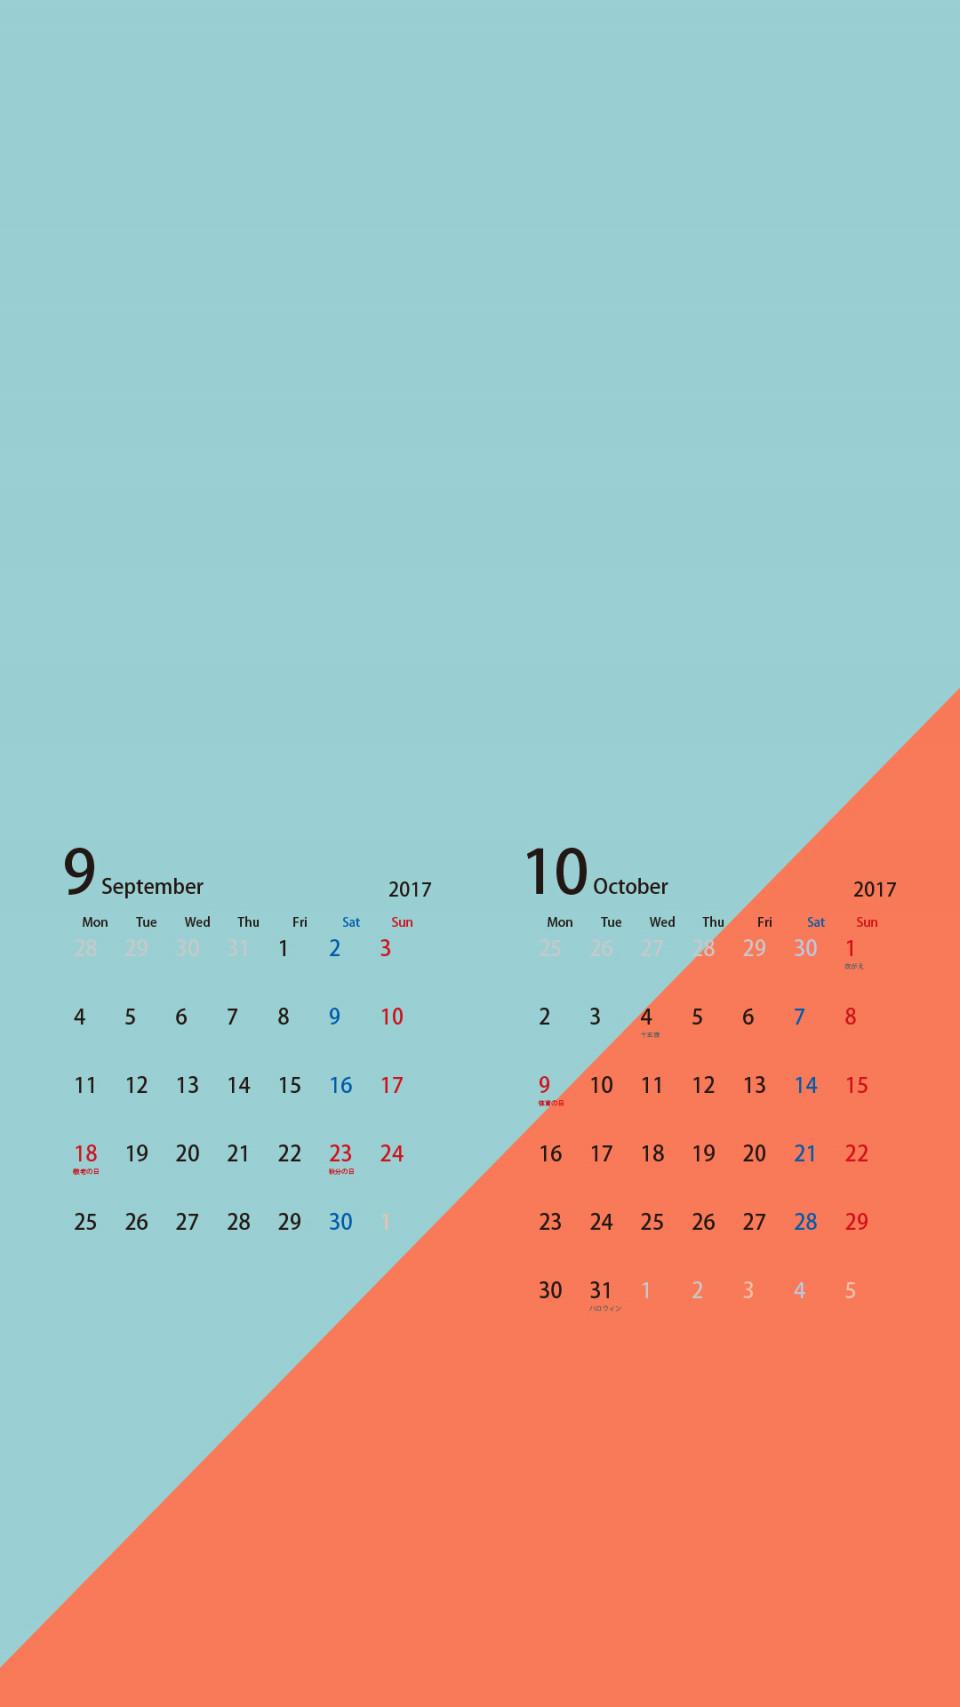 乃木坂46 カレンダー シンプルスマホ壁紙画像 170901 01 乃木坂46